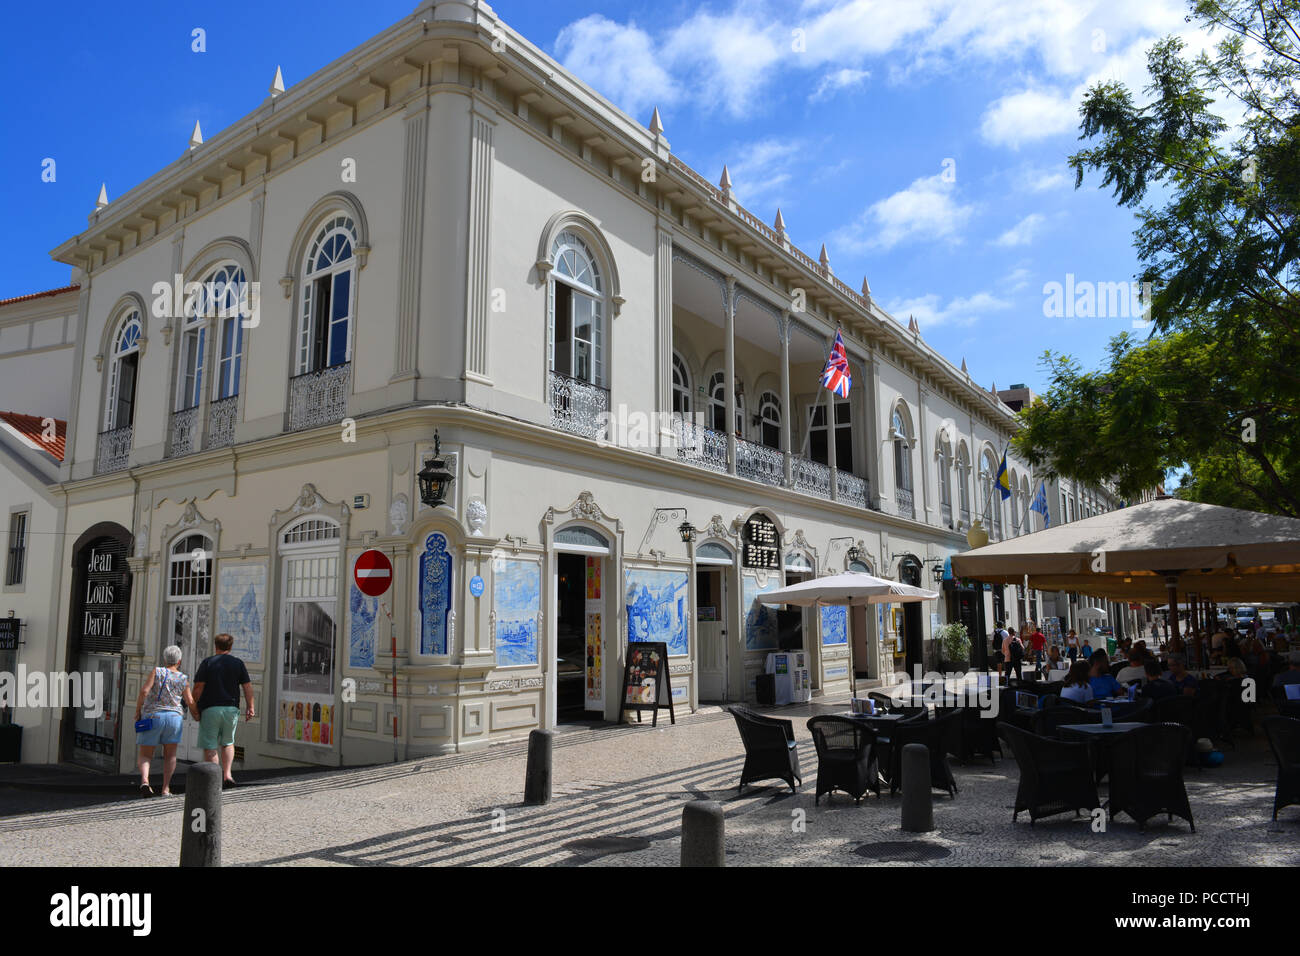 Facade and exterior cafe of The Ritz, Av. Arriaga,  Funchal, Madeira, Portugal - Stock Image